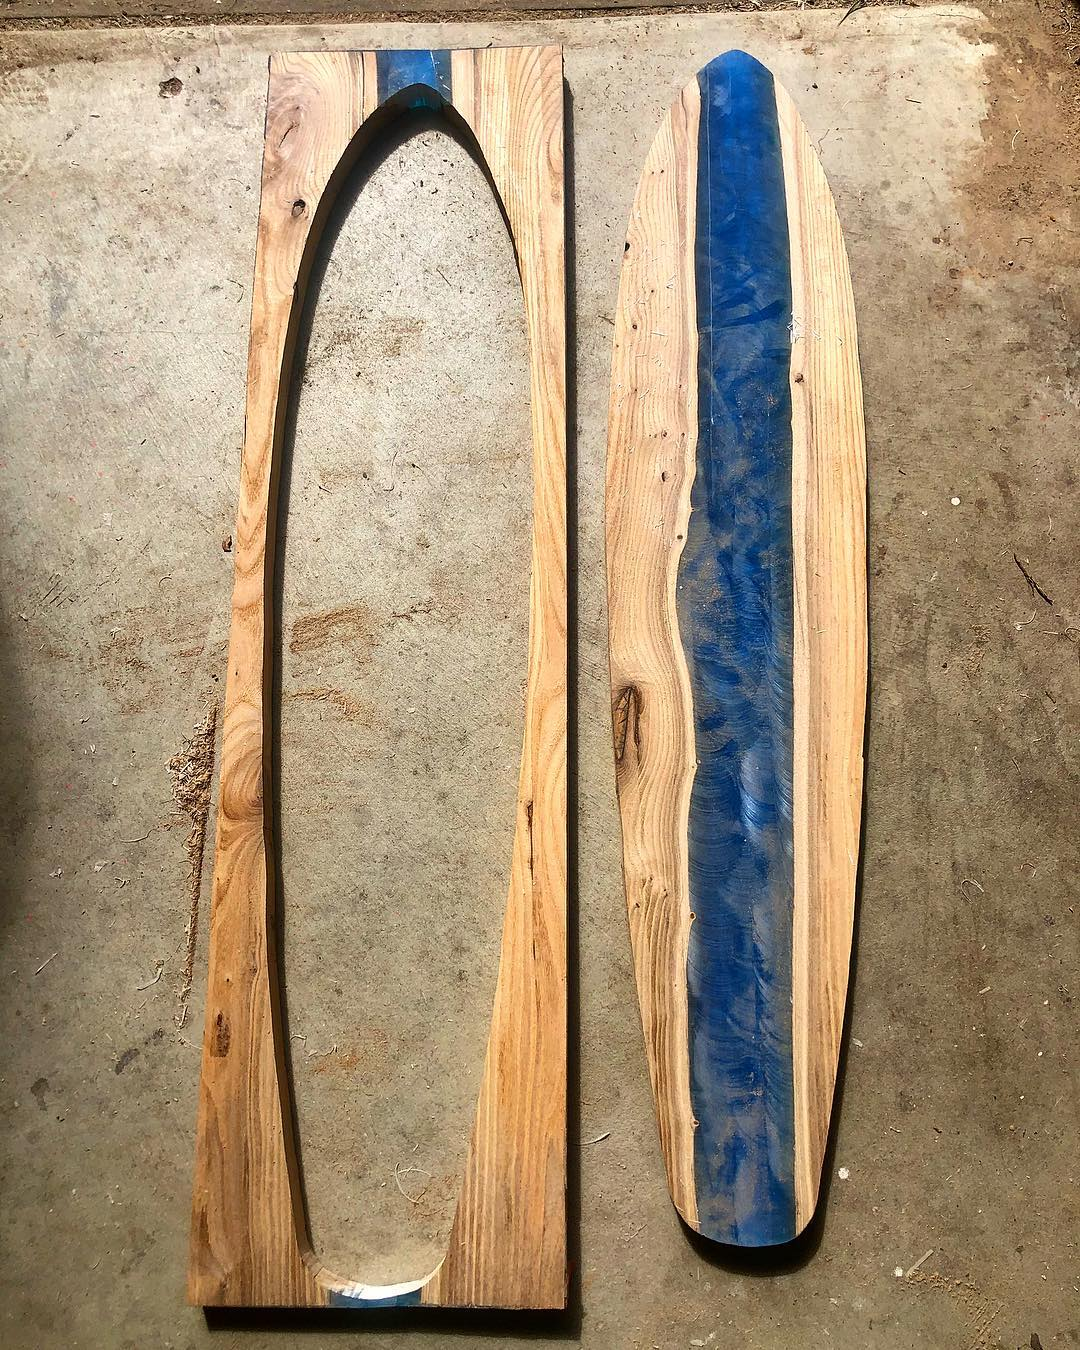 il coule de la r sine color e dans du bois pour cr er de magnifiques longboards. Black Bedroom Furniture Sets. Home Design Ideas